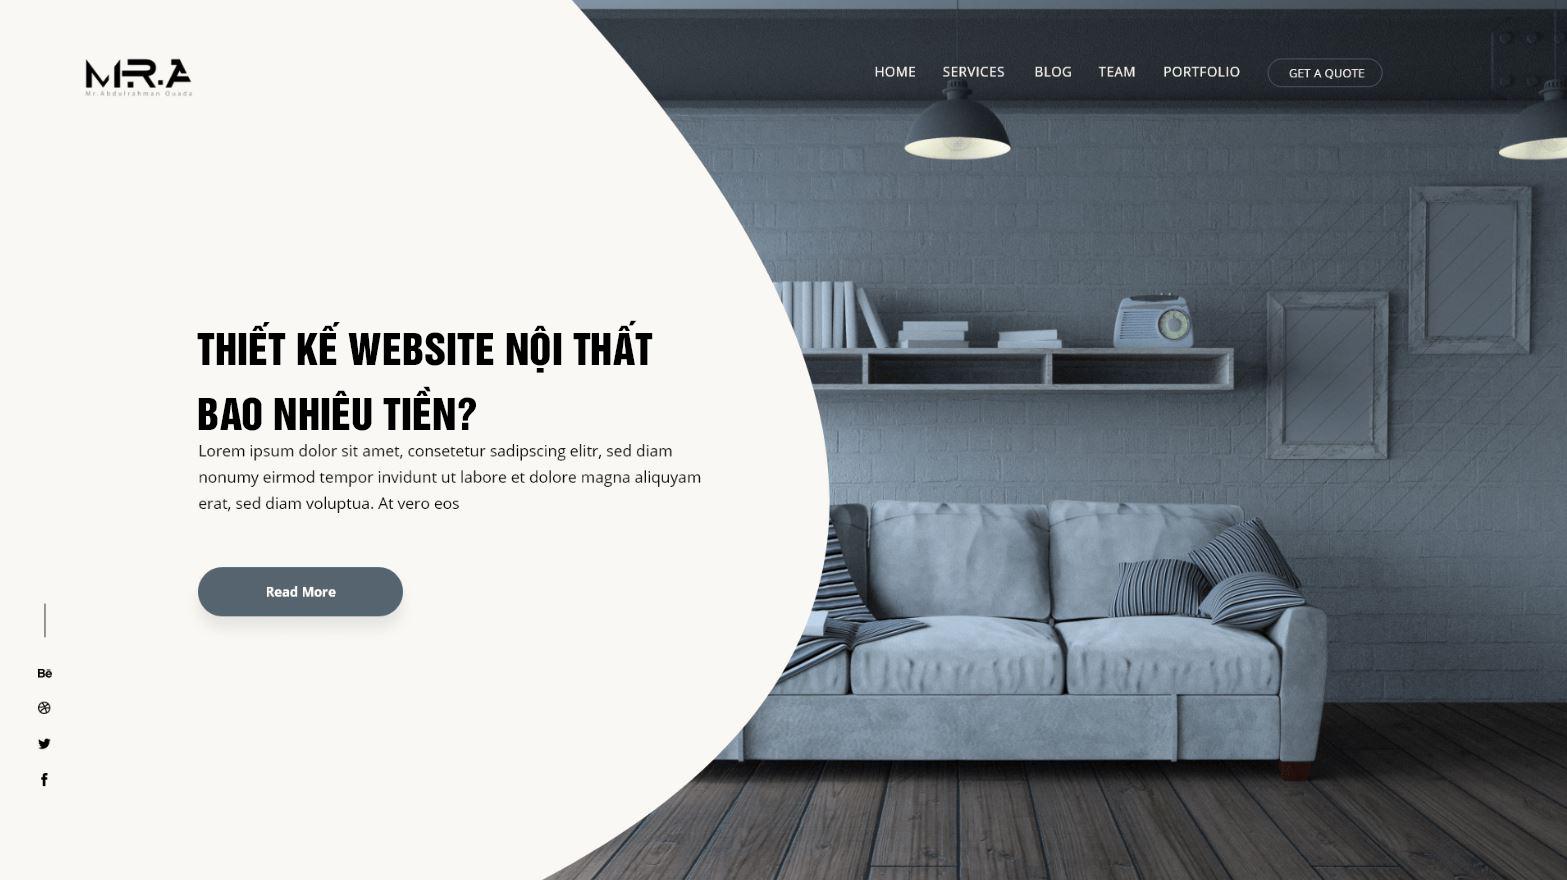 Thiết kế website nội thất hết bao nhiêu tiền